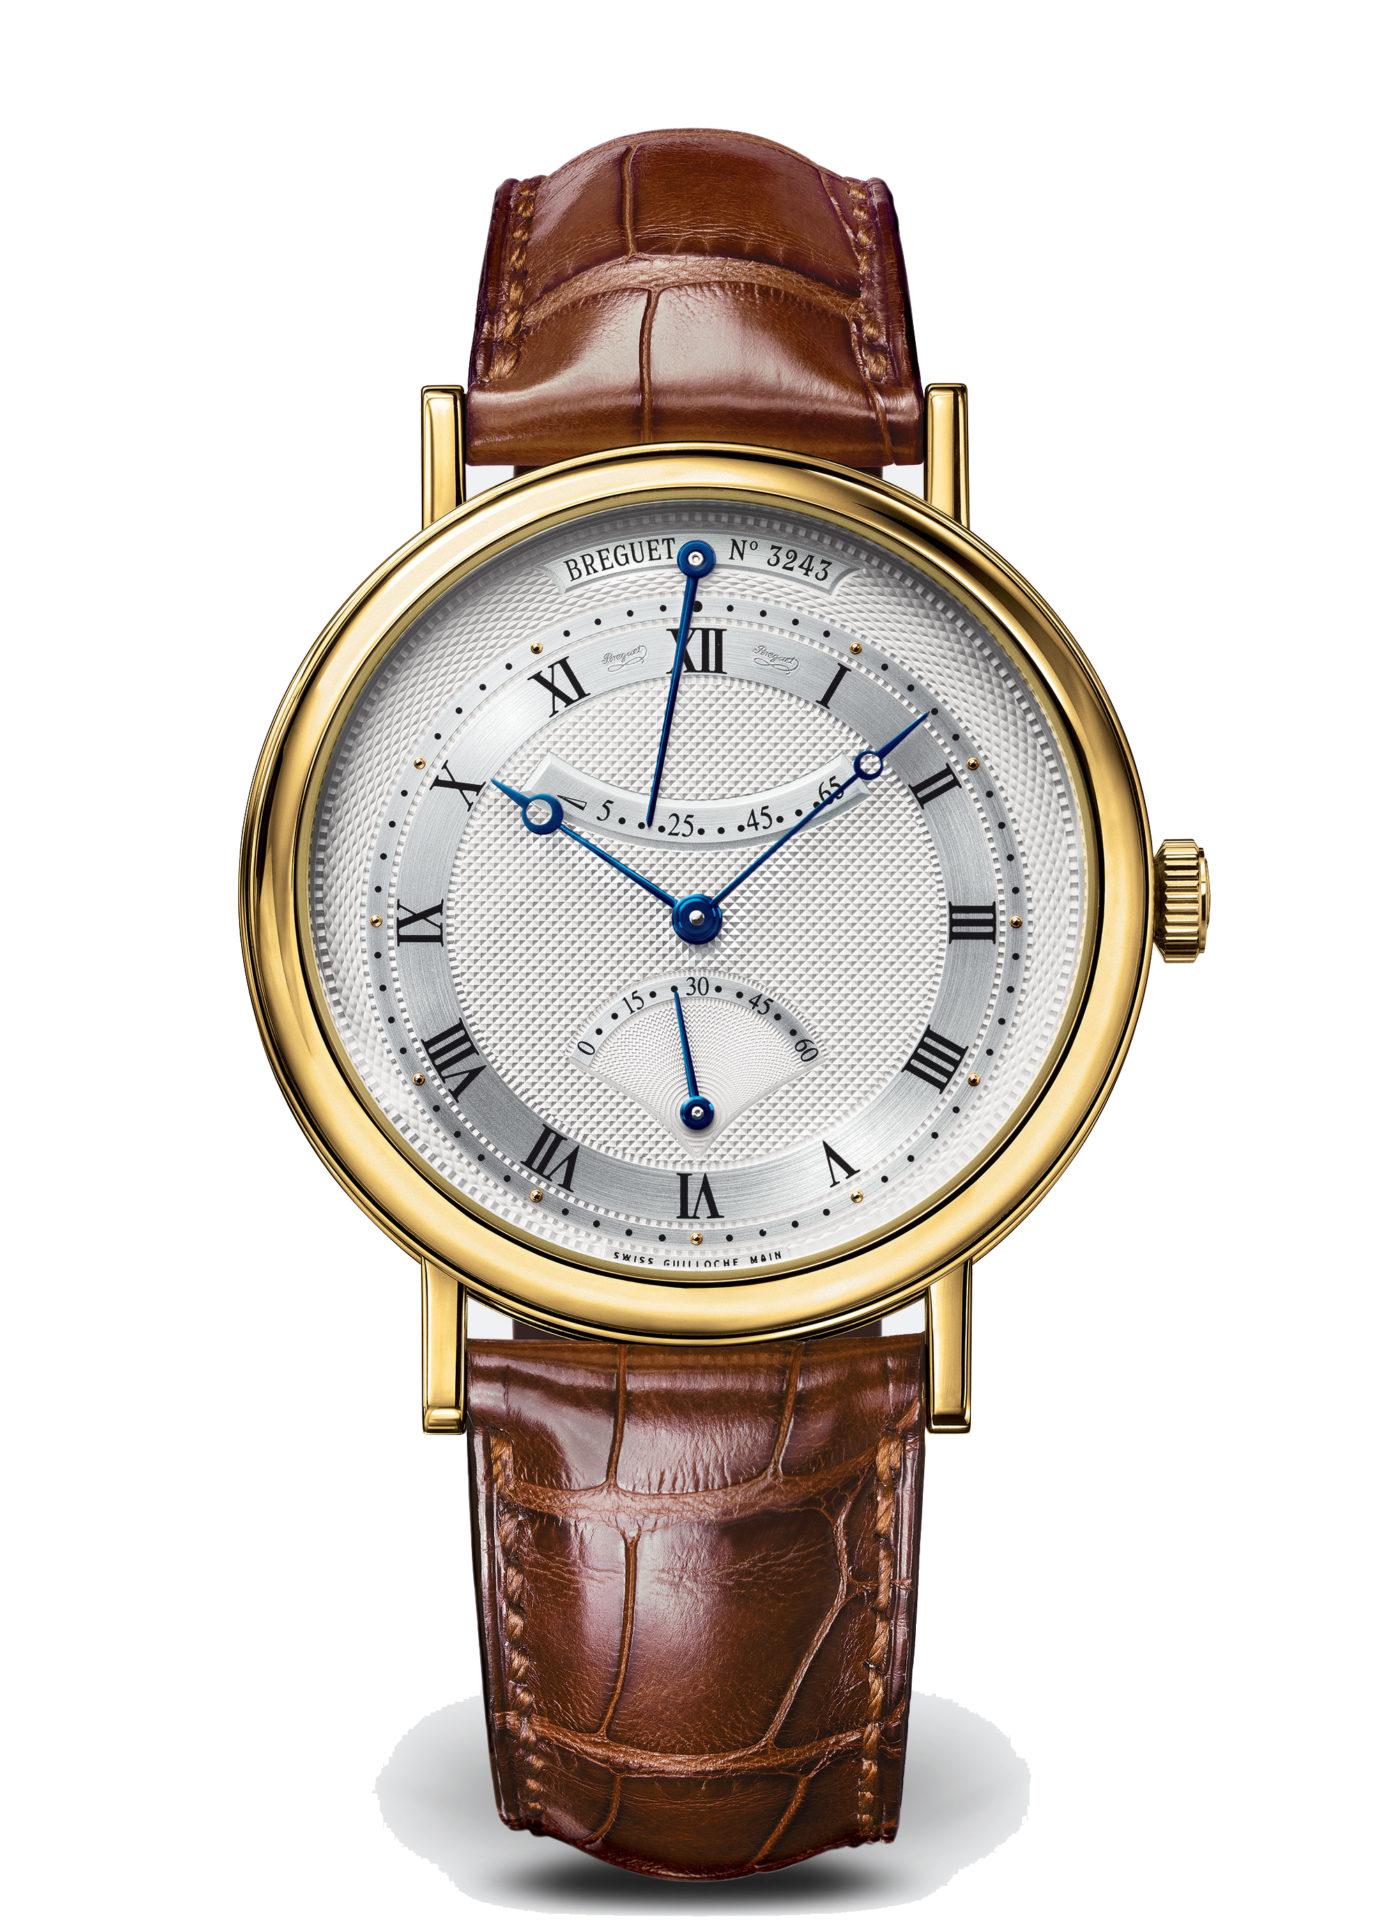 Breguet-Classique-5207-Hall-of-Time-5207ba-12-9v6-face-g-1 copie